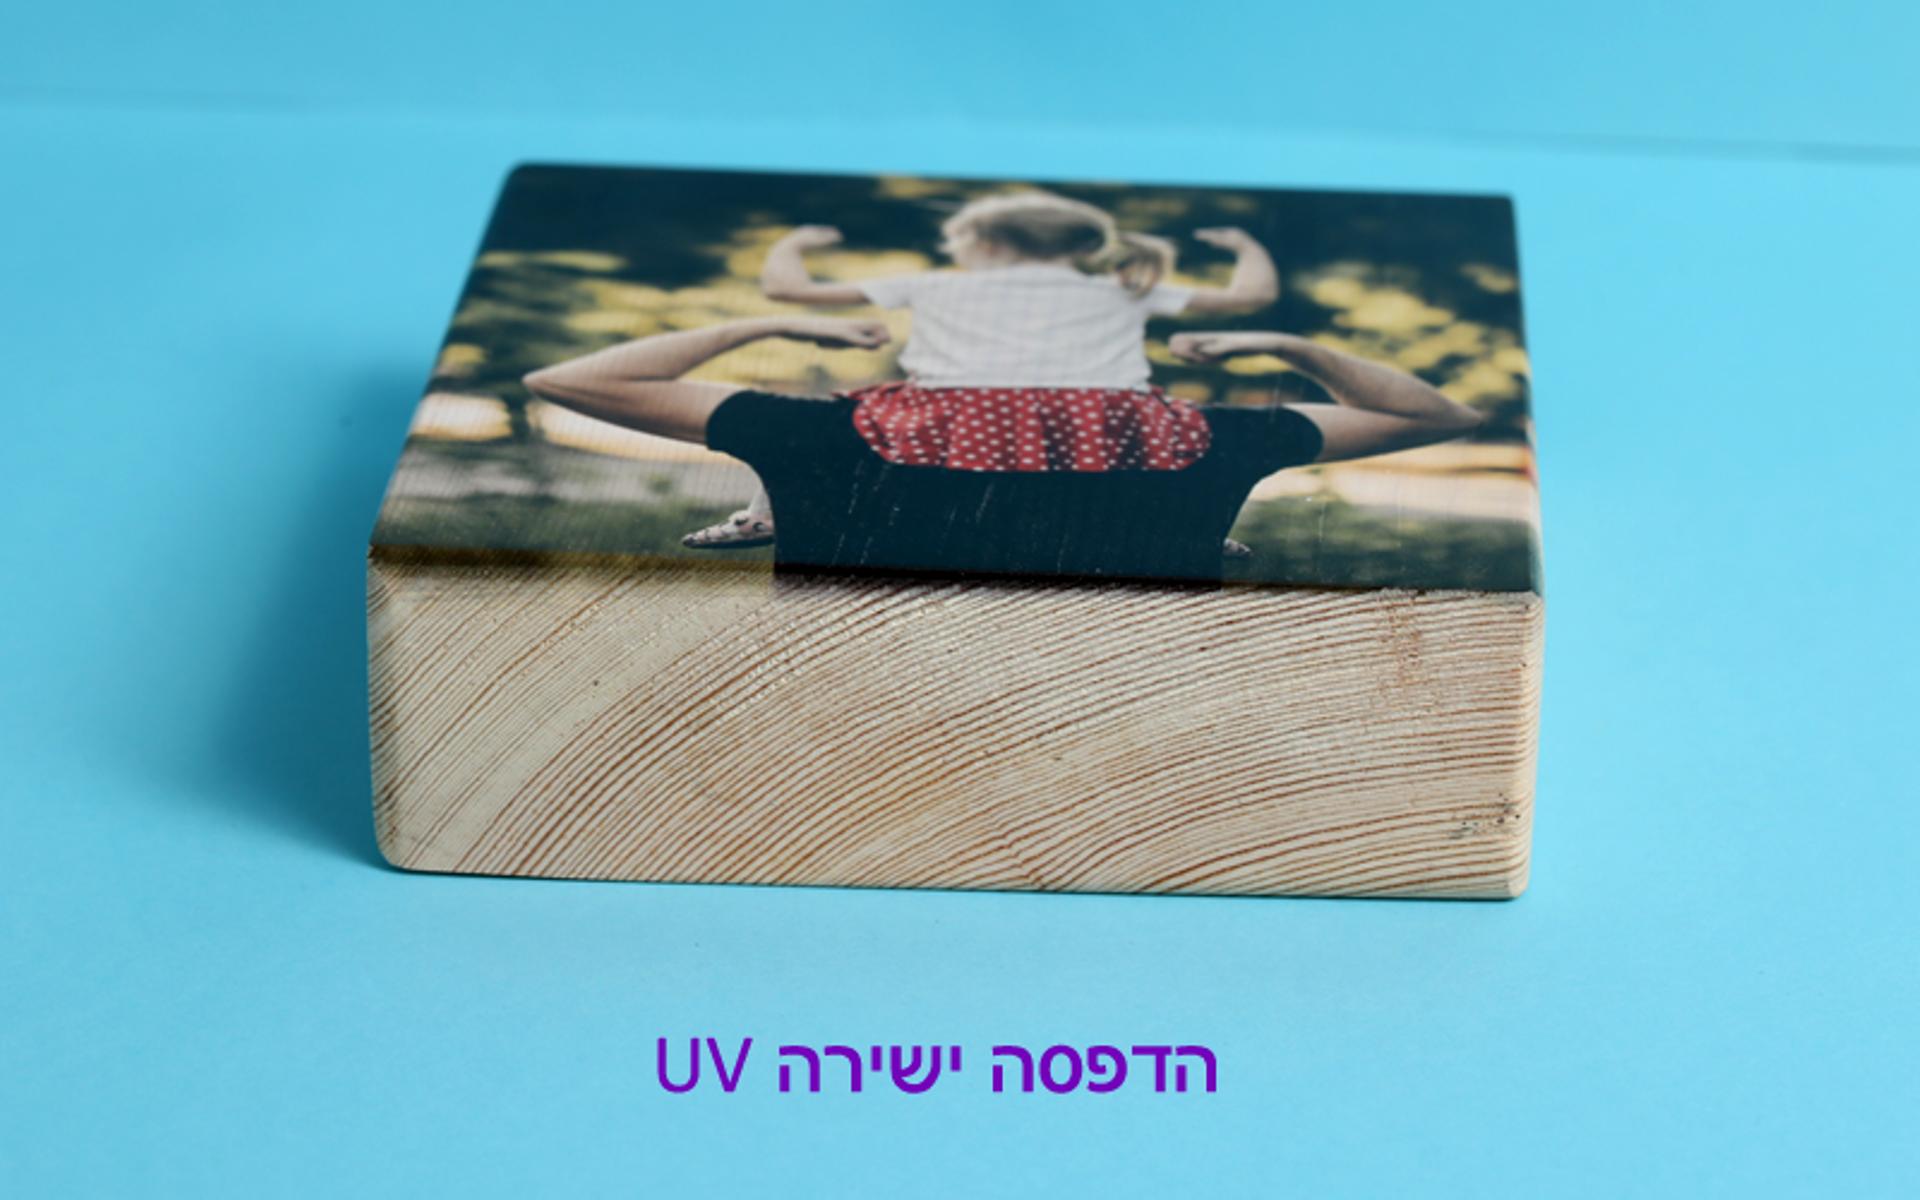 =בלוק עץ טבעי עבה ואיכותי במיוחד עם פינות מלוטשות... הדפסה ישירה.